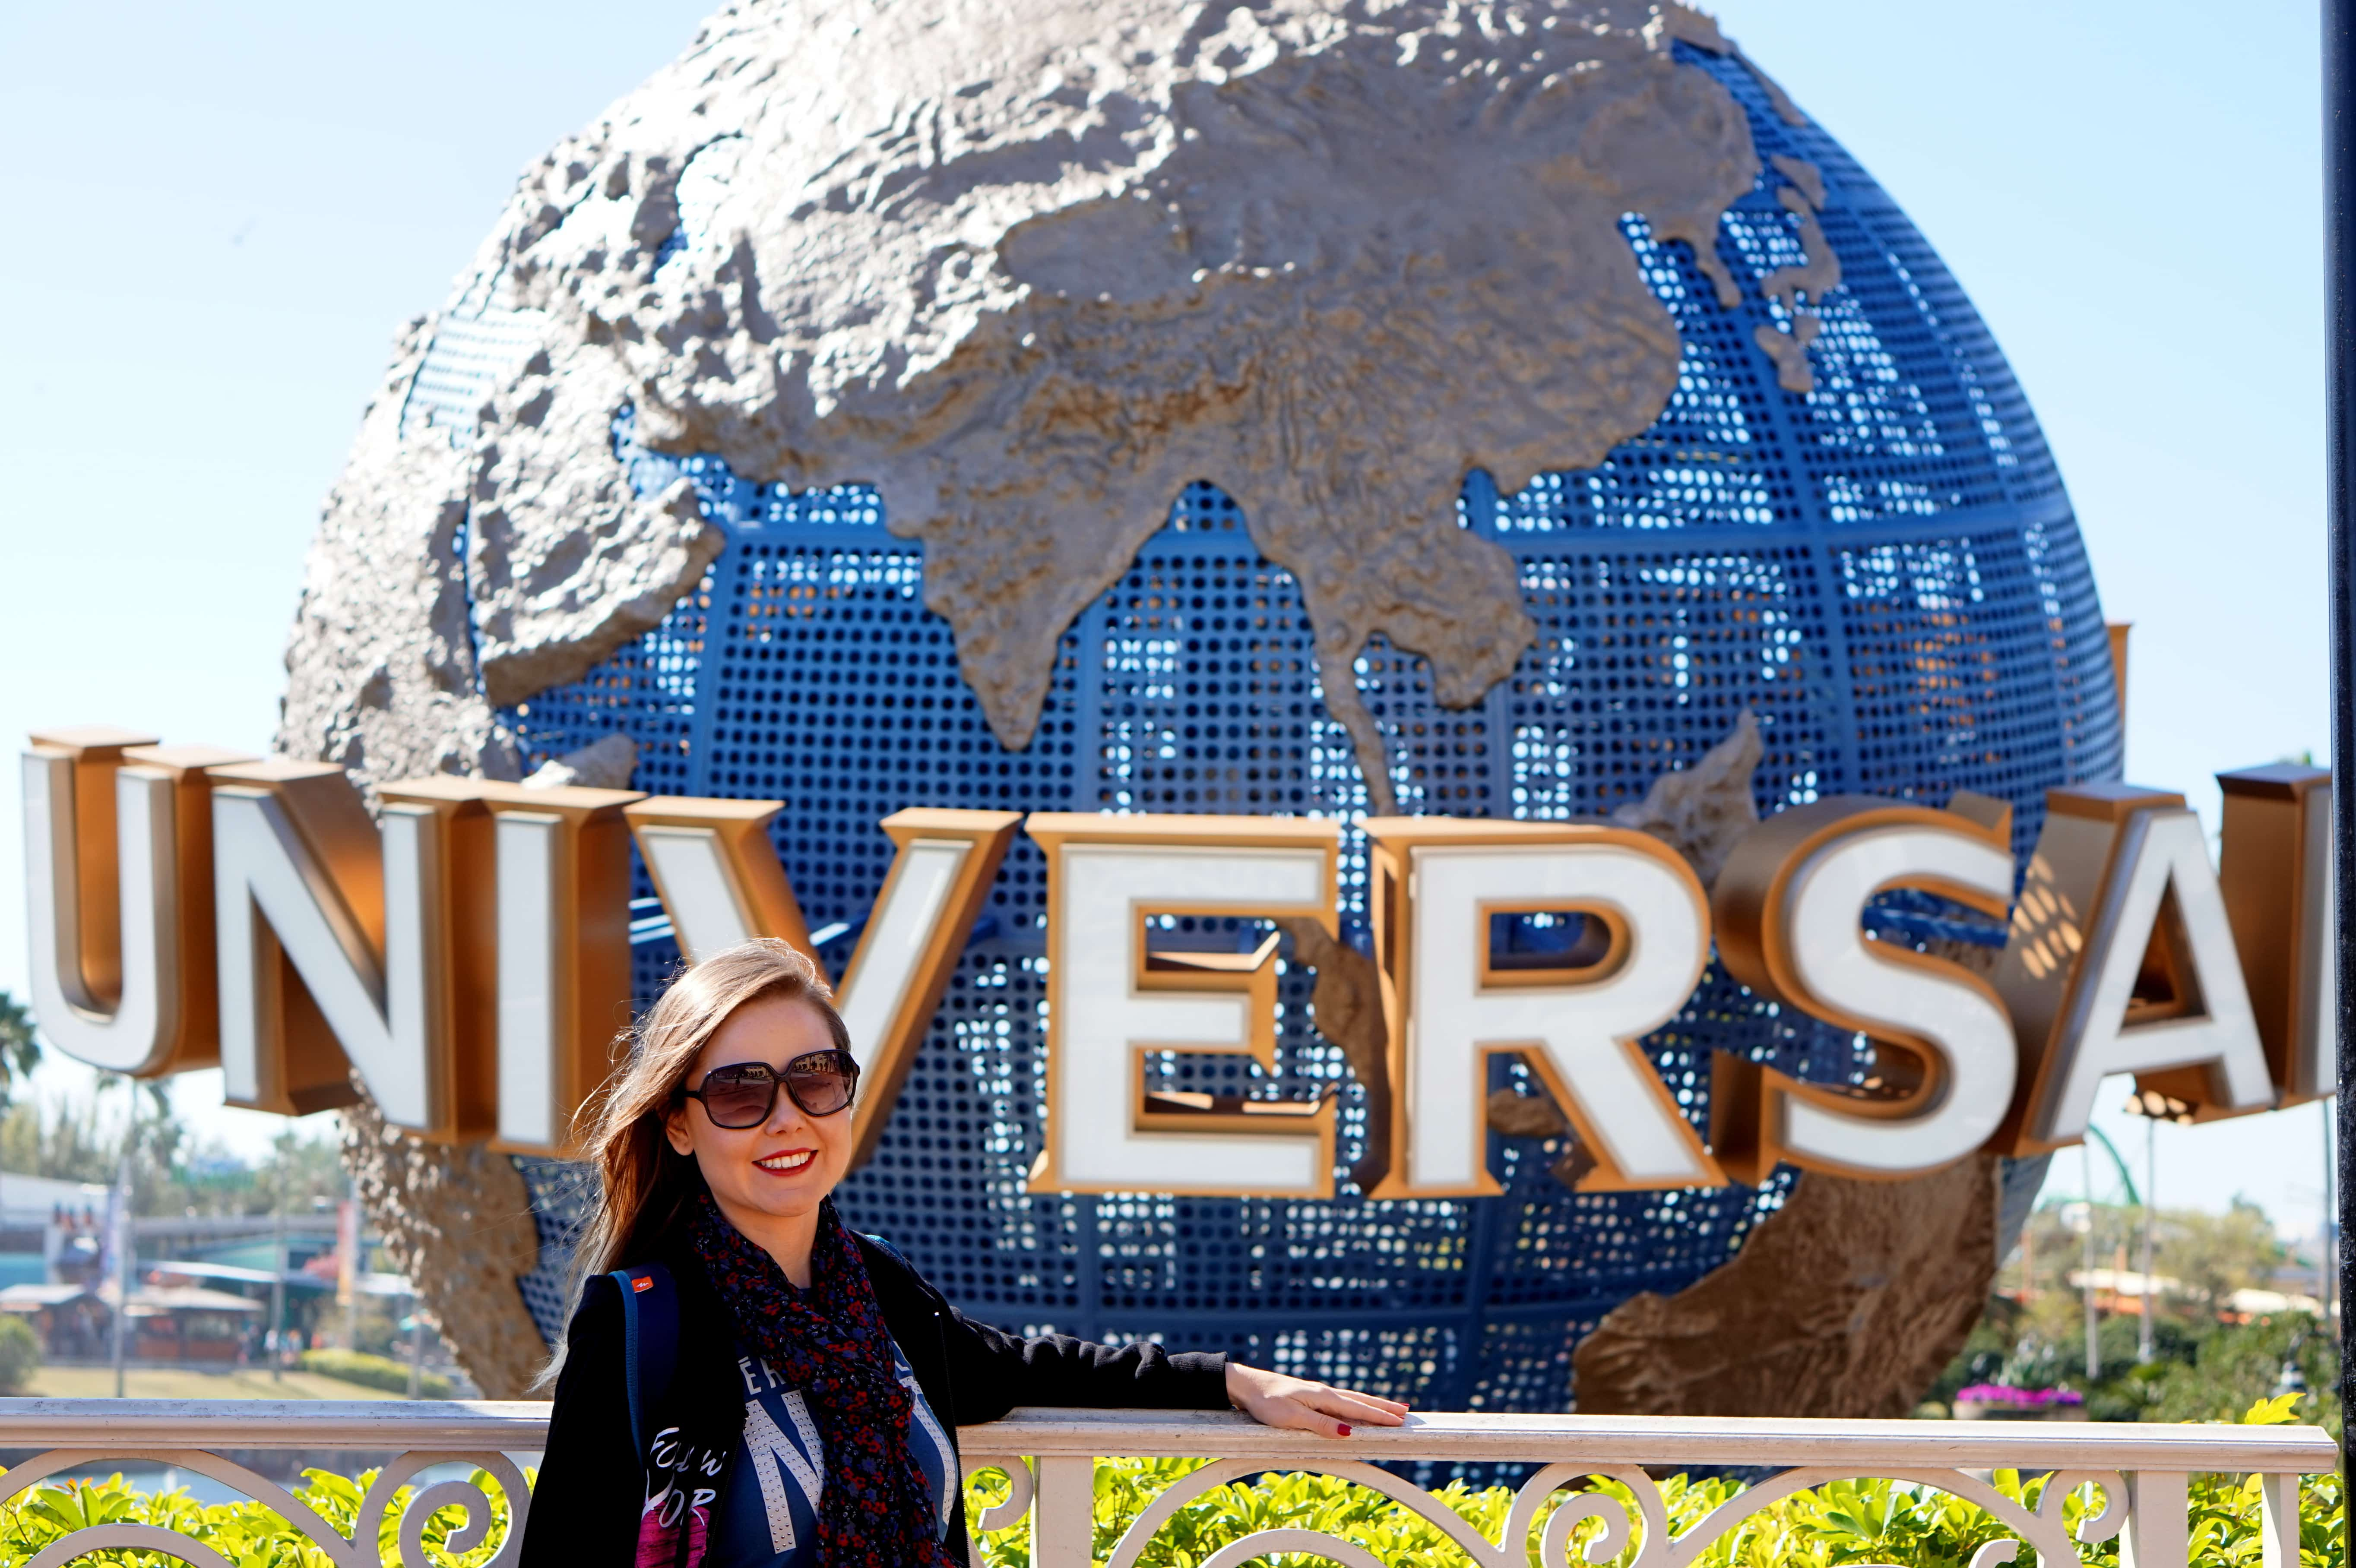 dicas para quem vai viajar para Orlando Universal Studios